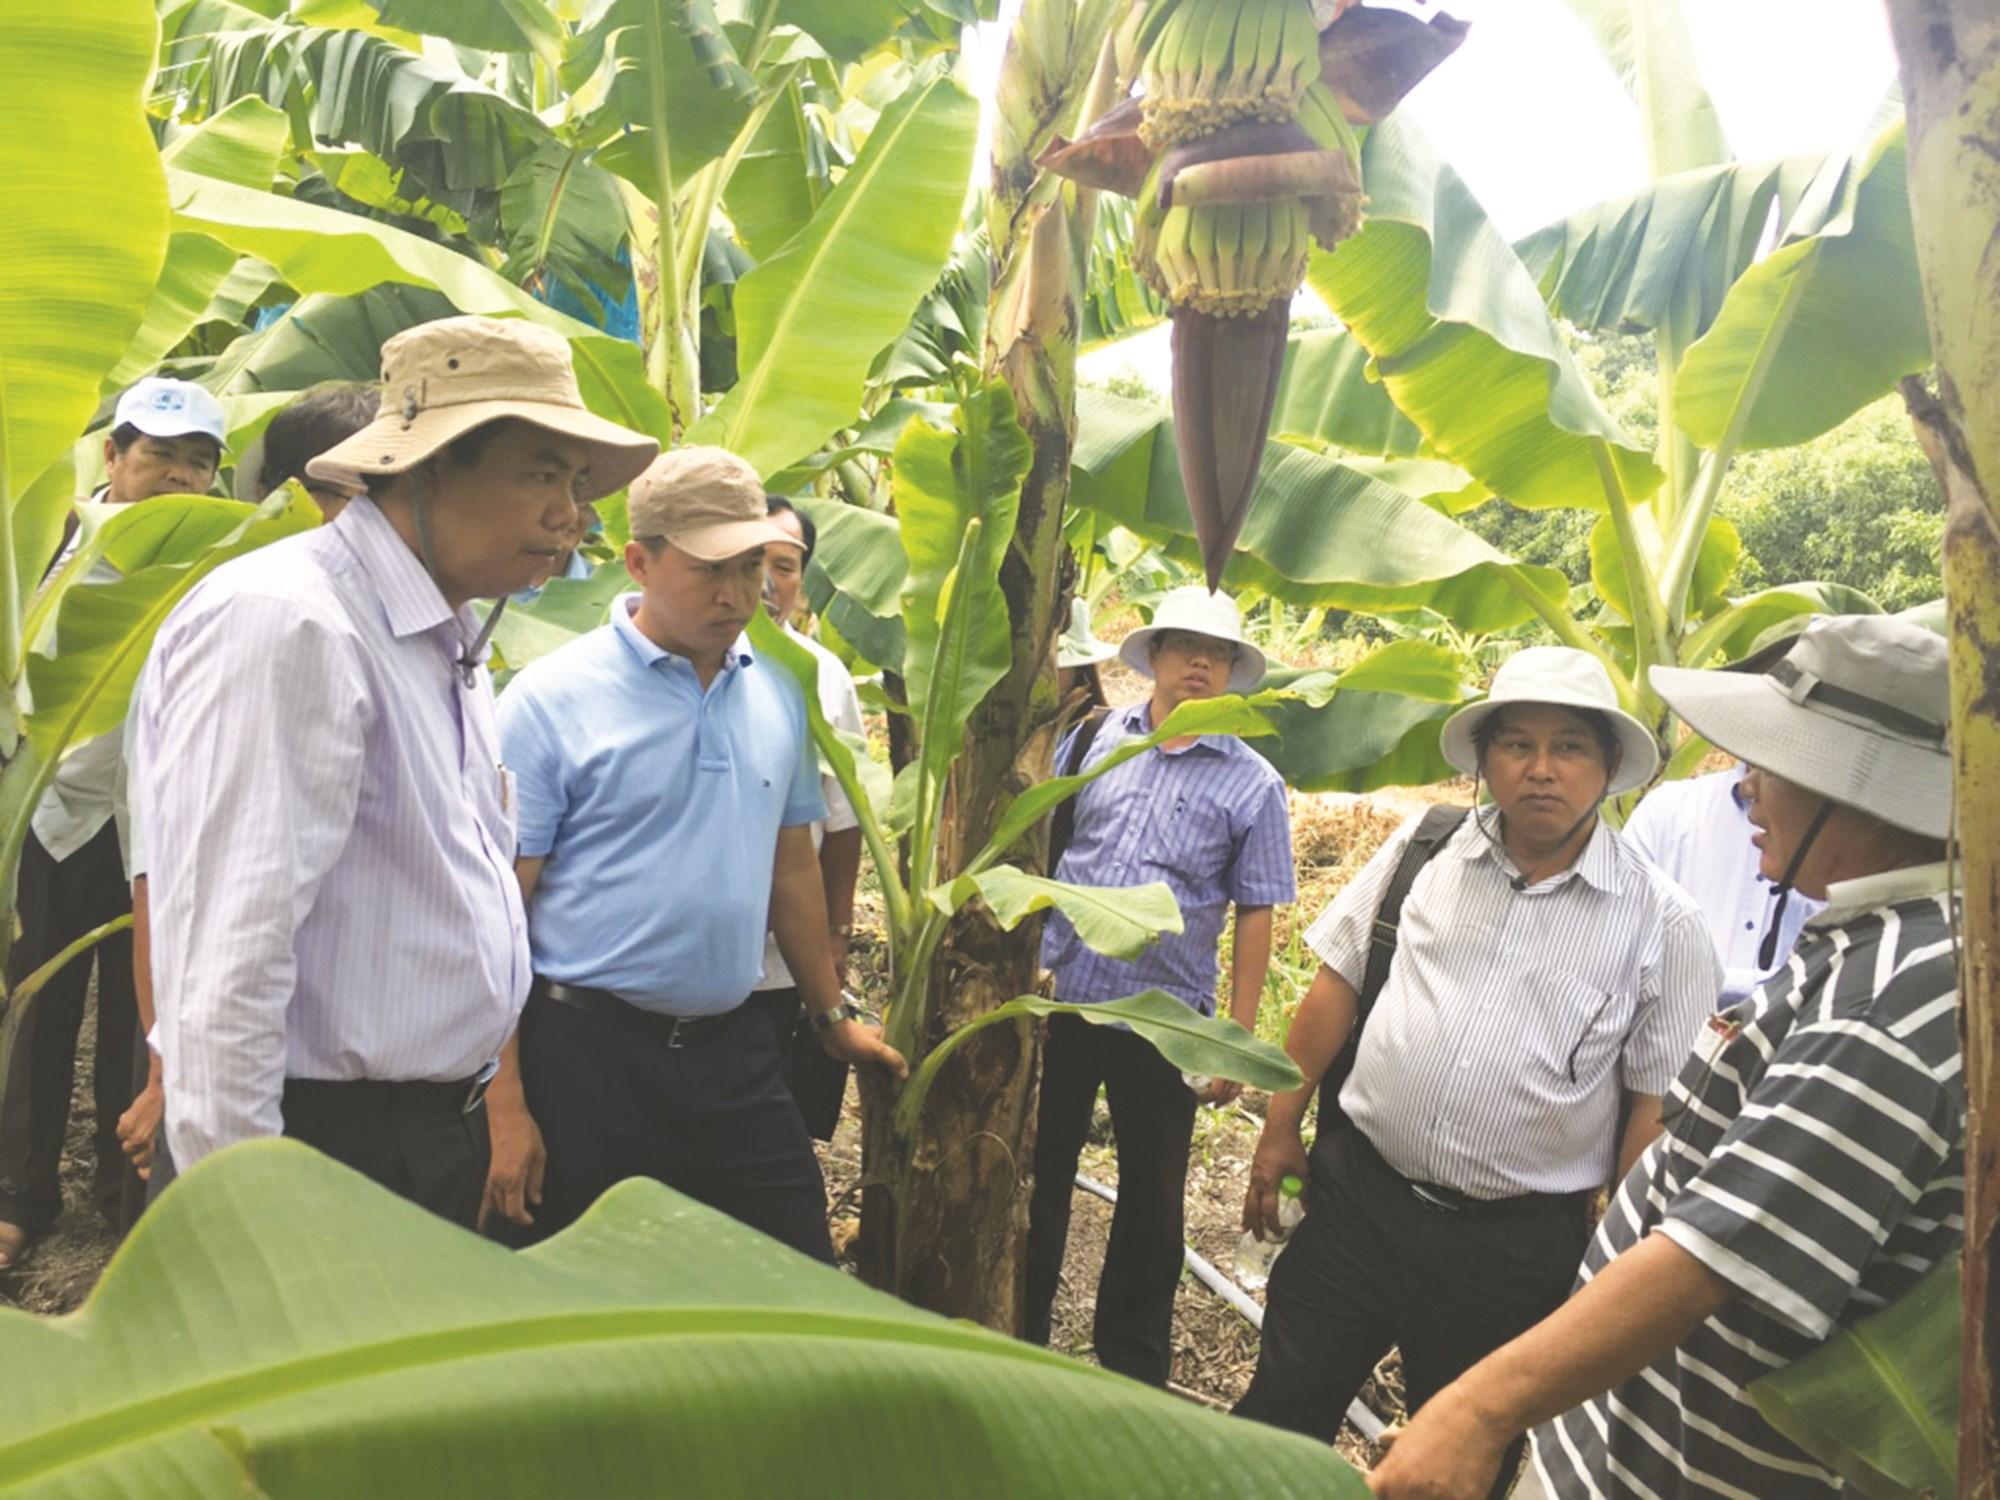 Ông Nguyễn Tiến Hải (người đứng bìa trái) - Chủ tịch UBND tỉnh Cà Mau khảo sát mô hình trồng chuối thuộc xã 135 Khánh Thuận, huyện U Minh (Cà Mau).